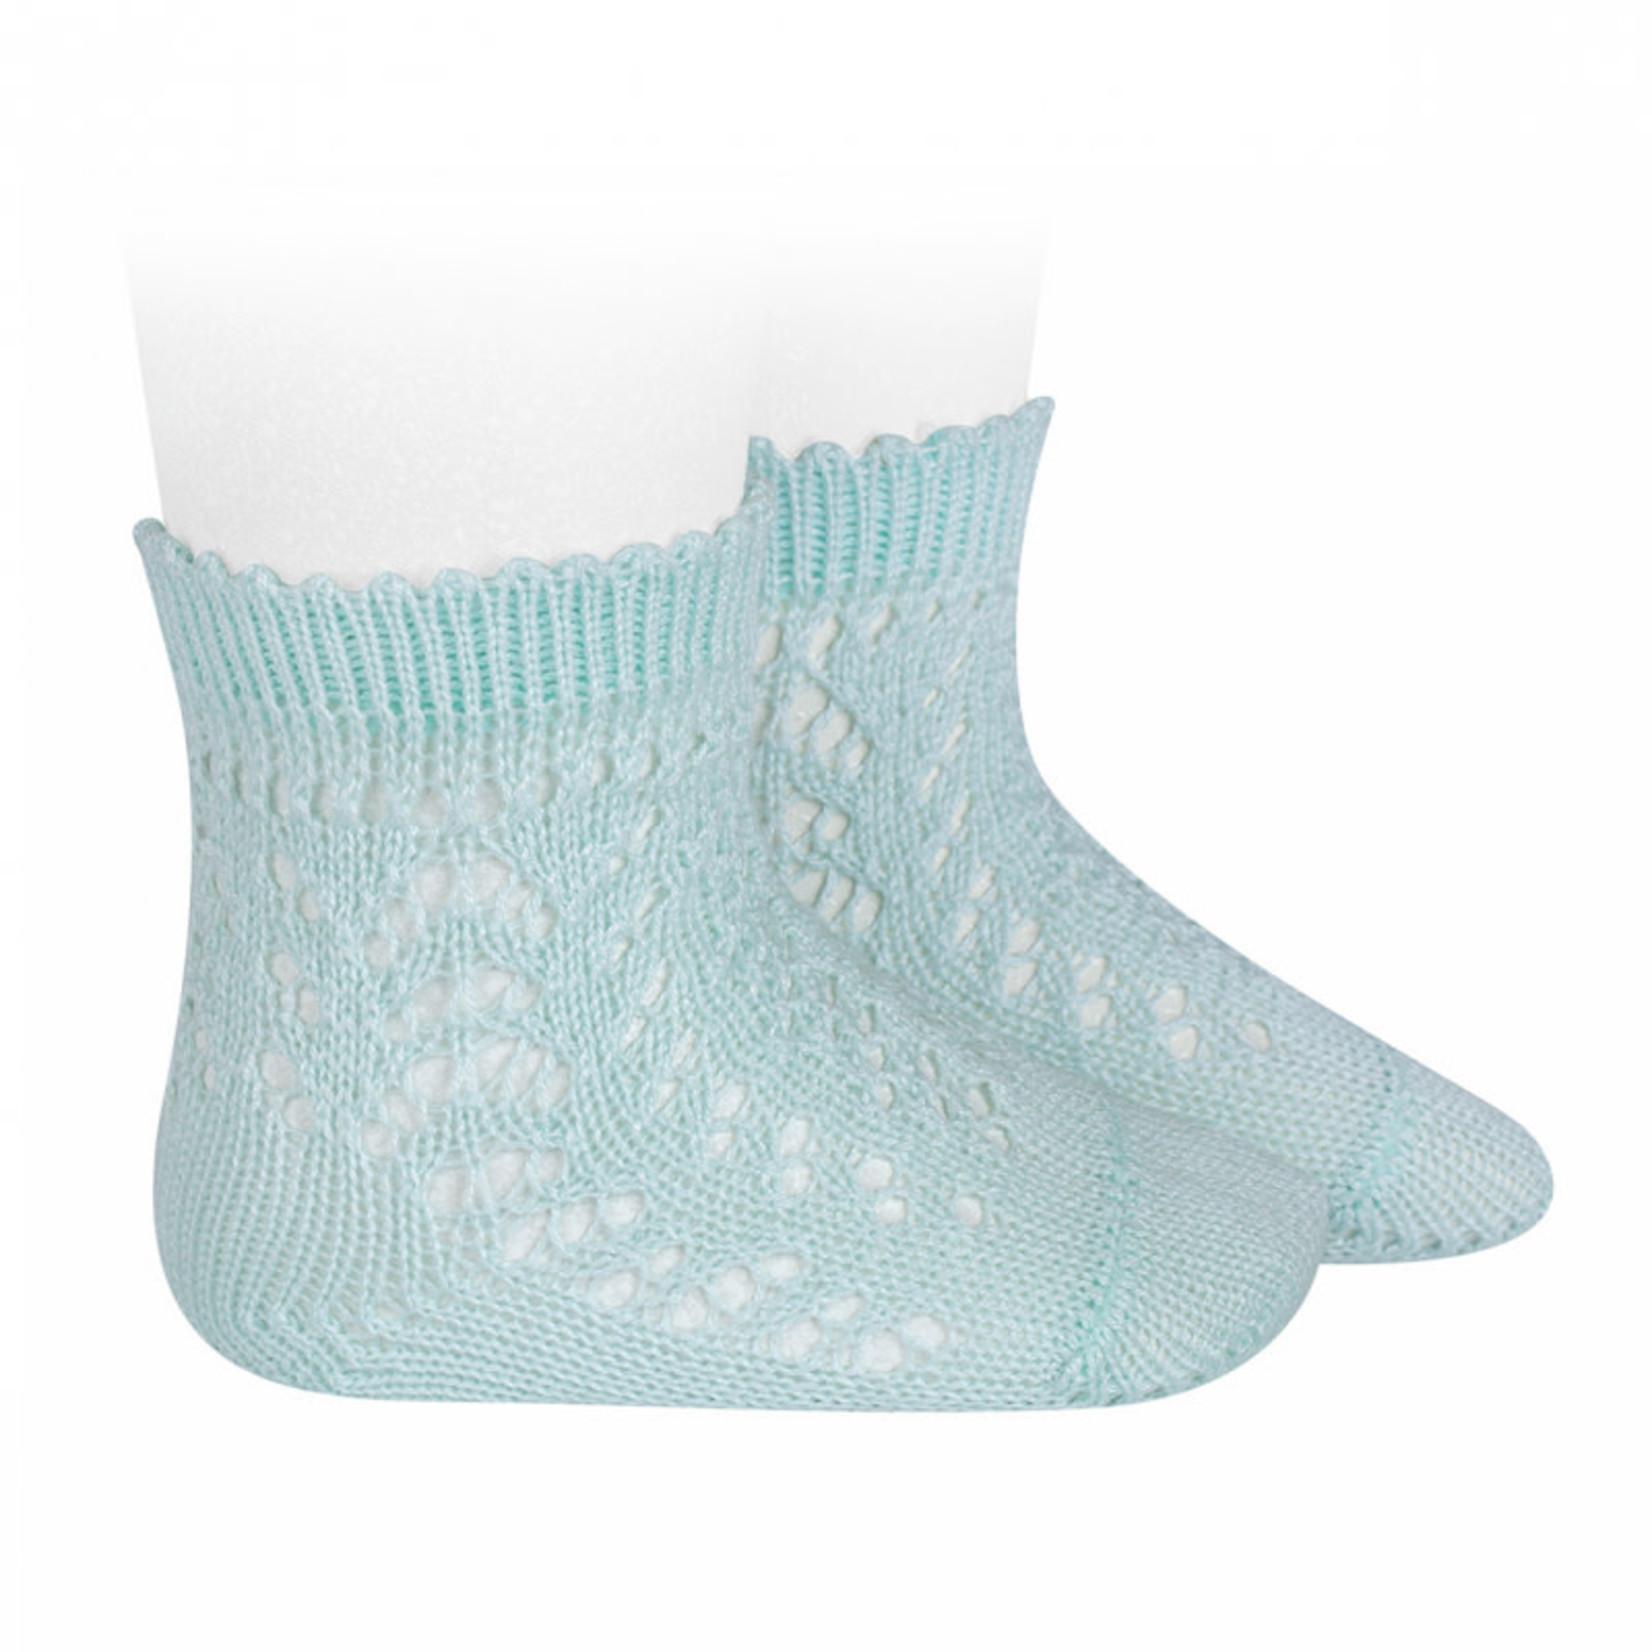 Condor Socks Open - Aquamarine